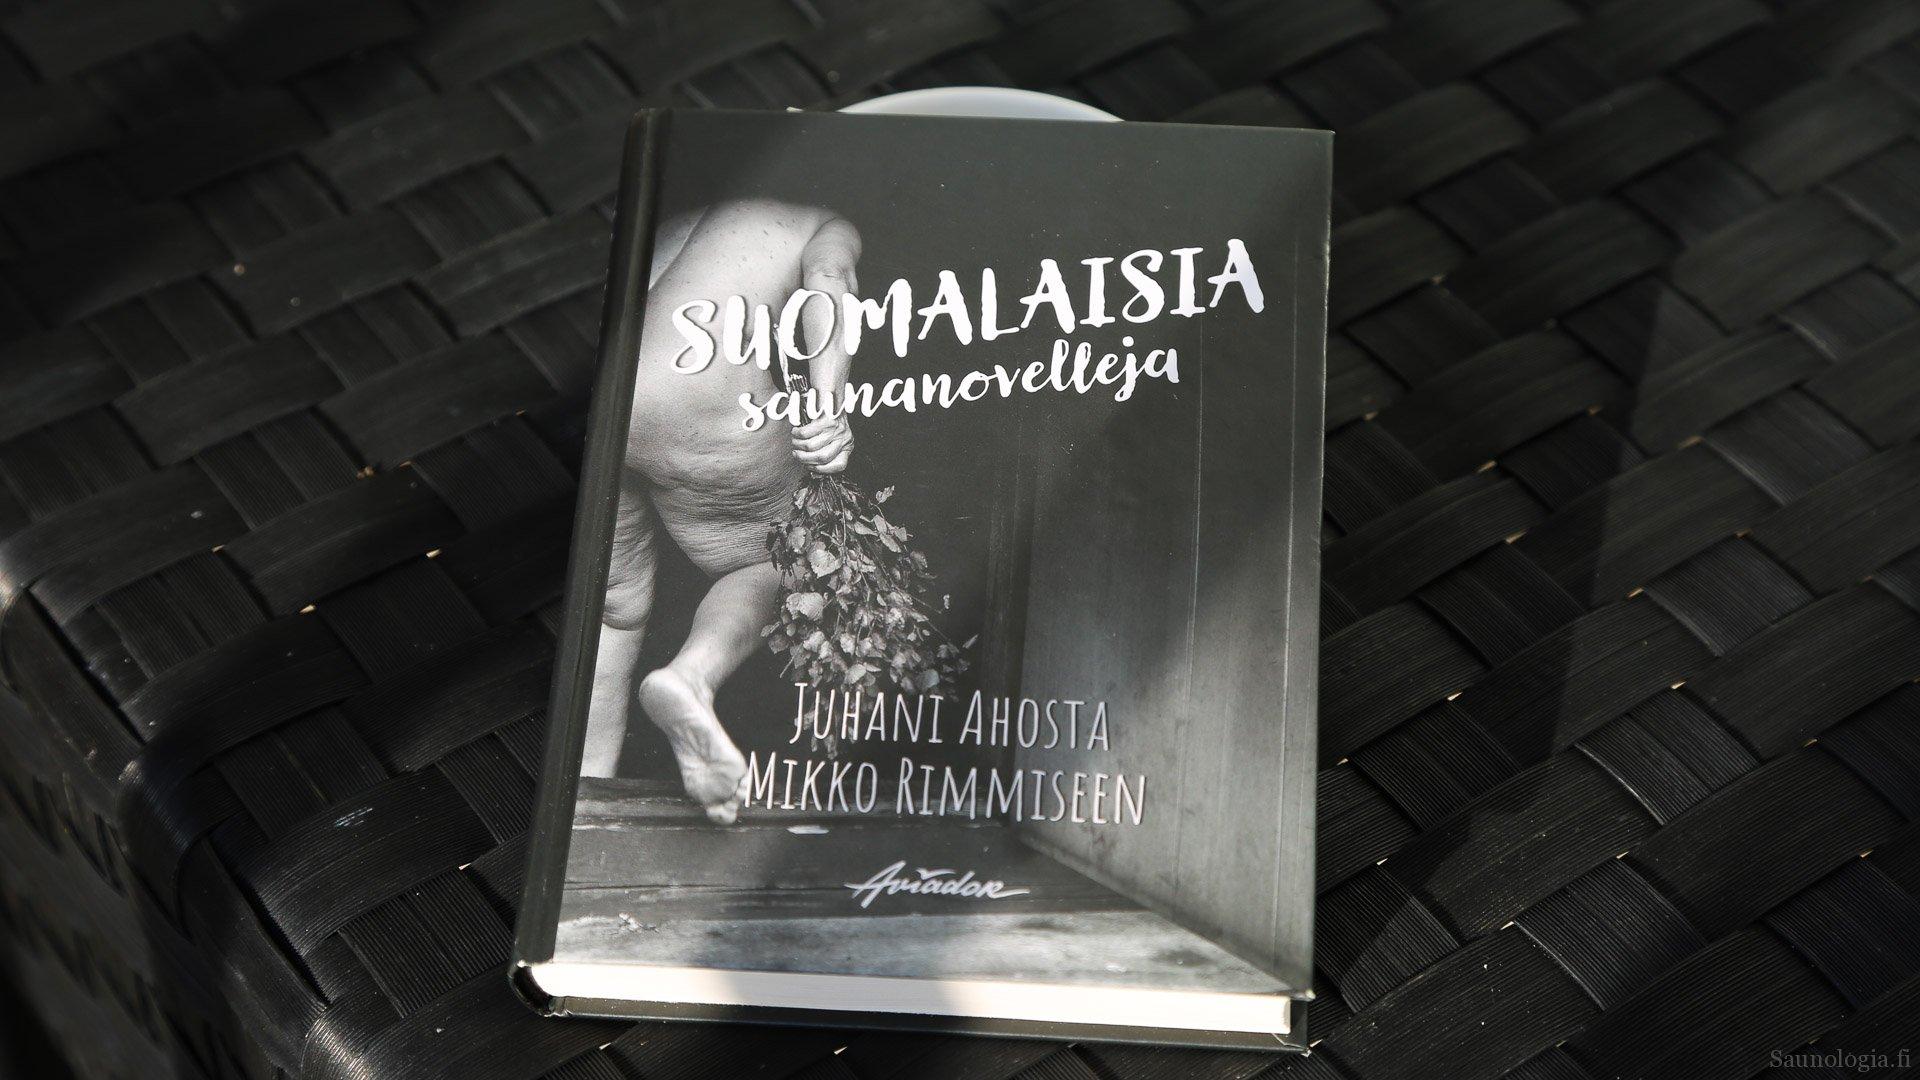 Saunakirja-arvio: Suomalaisia saunanovelleja. Juhani Ahosta Mikko Rimmiseen.